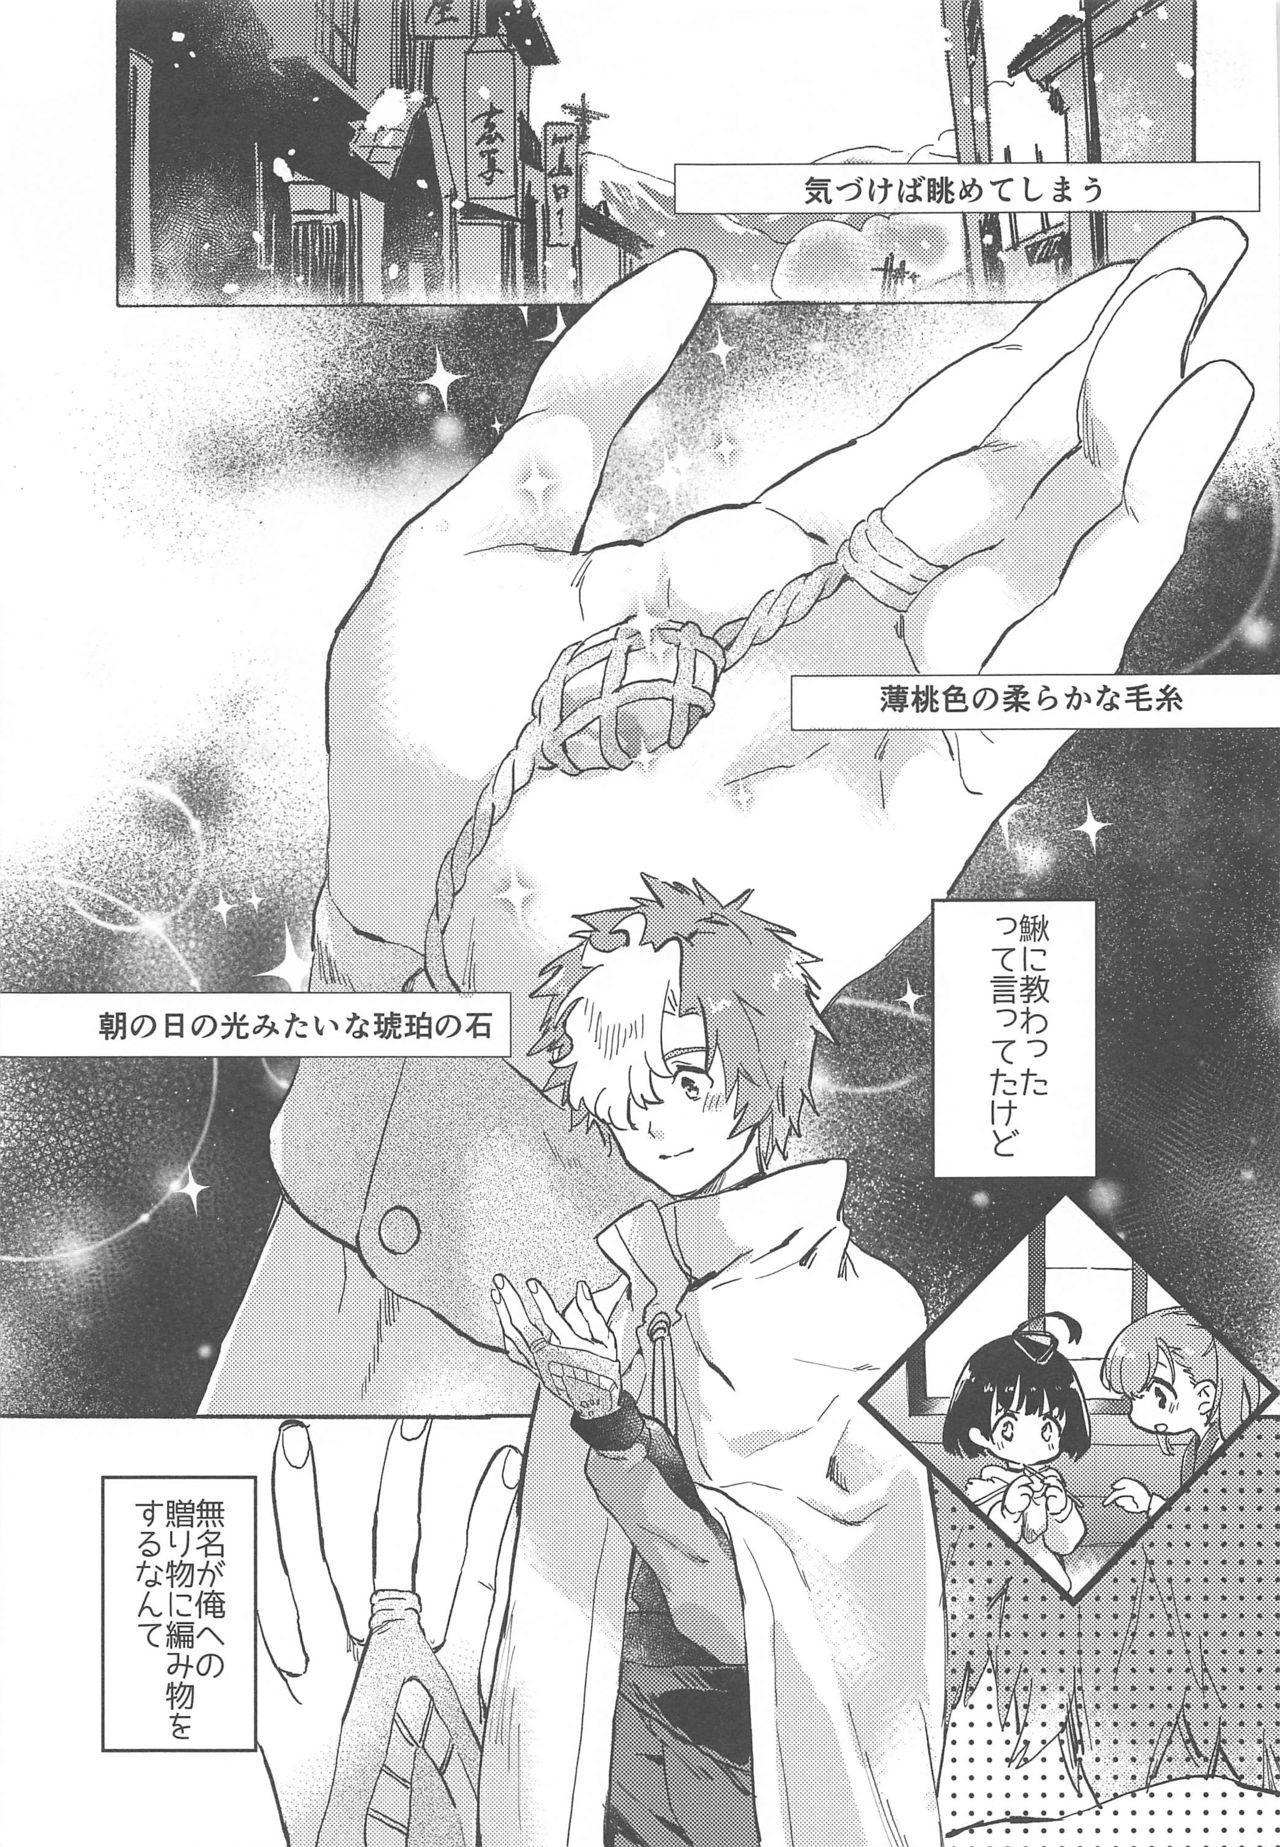 Unato Yukimi Onsen Ikomume Ichaicha Ippakufutsuka no Tabi 1